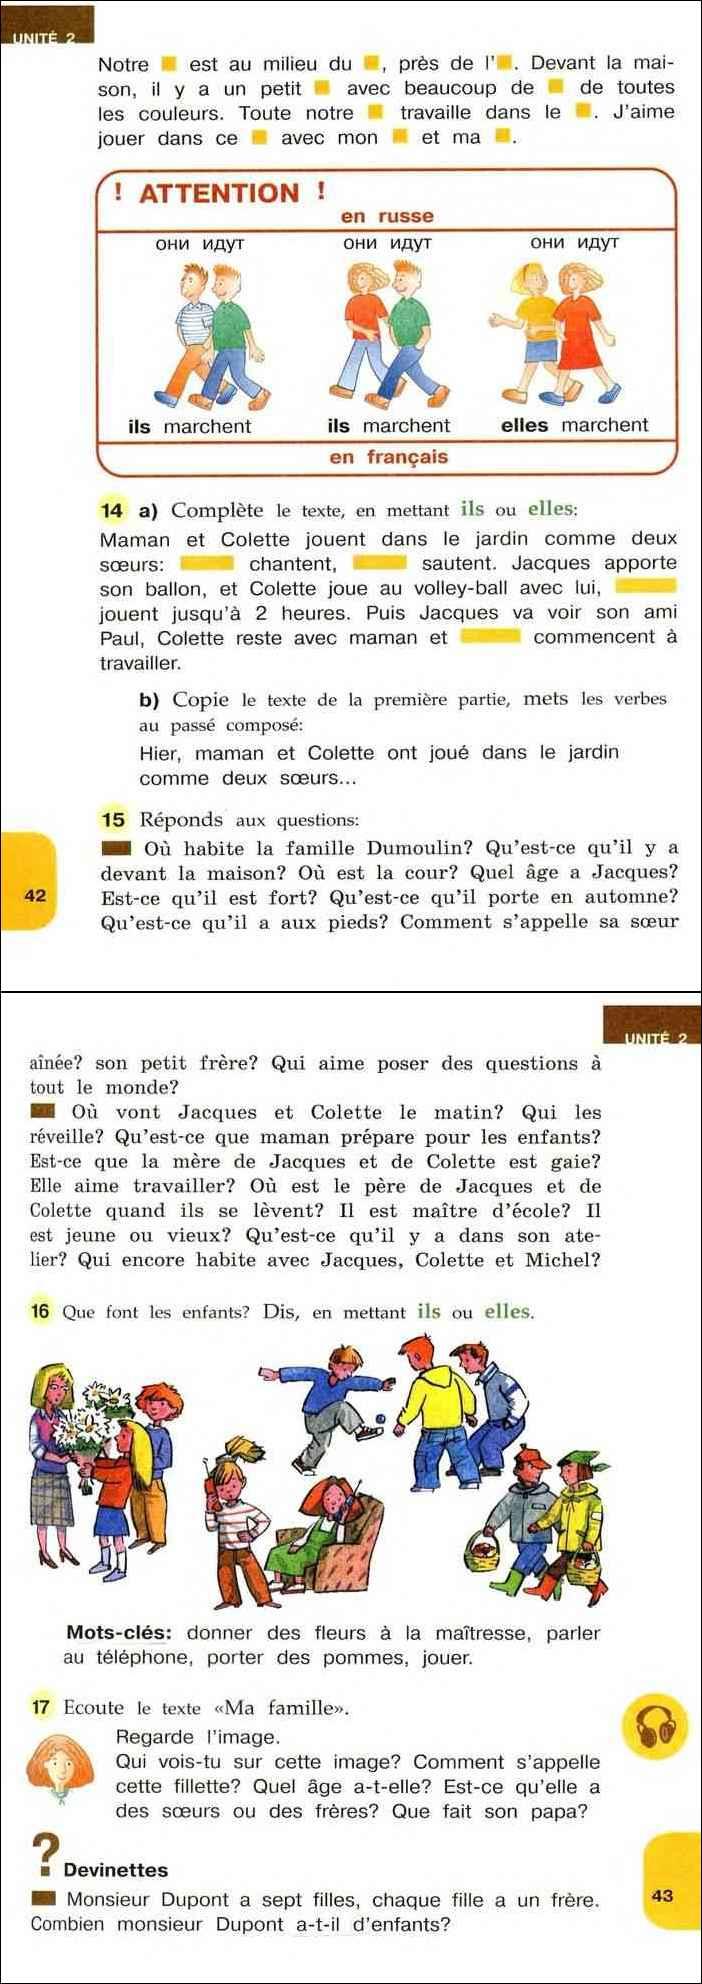 учебник французский язык 4 класс береговская часть 1